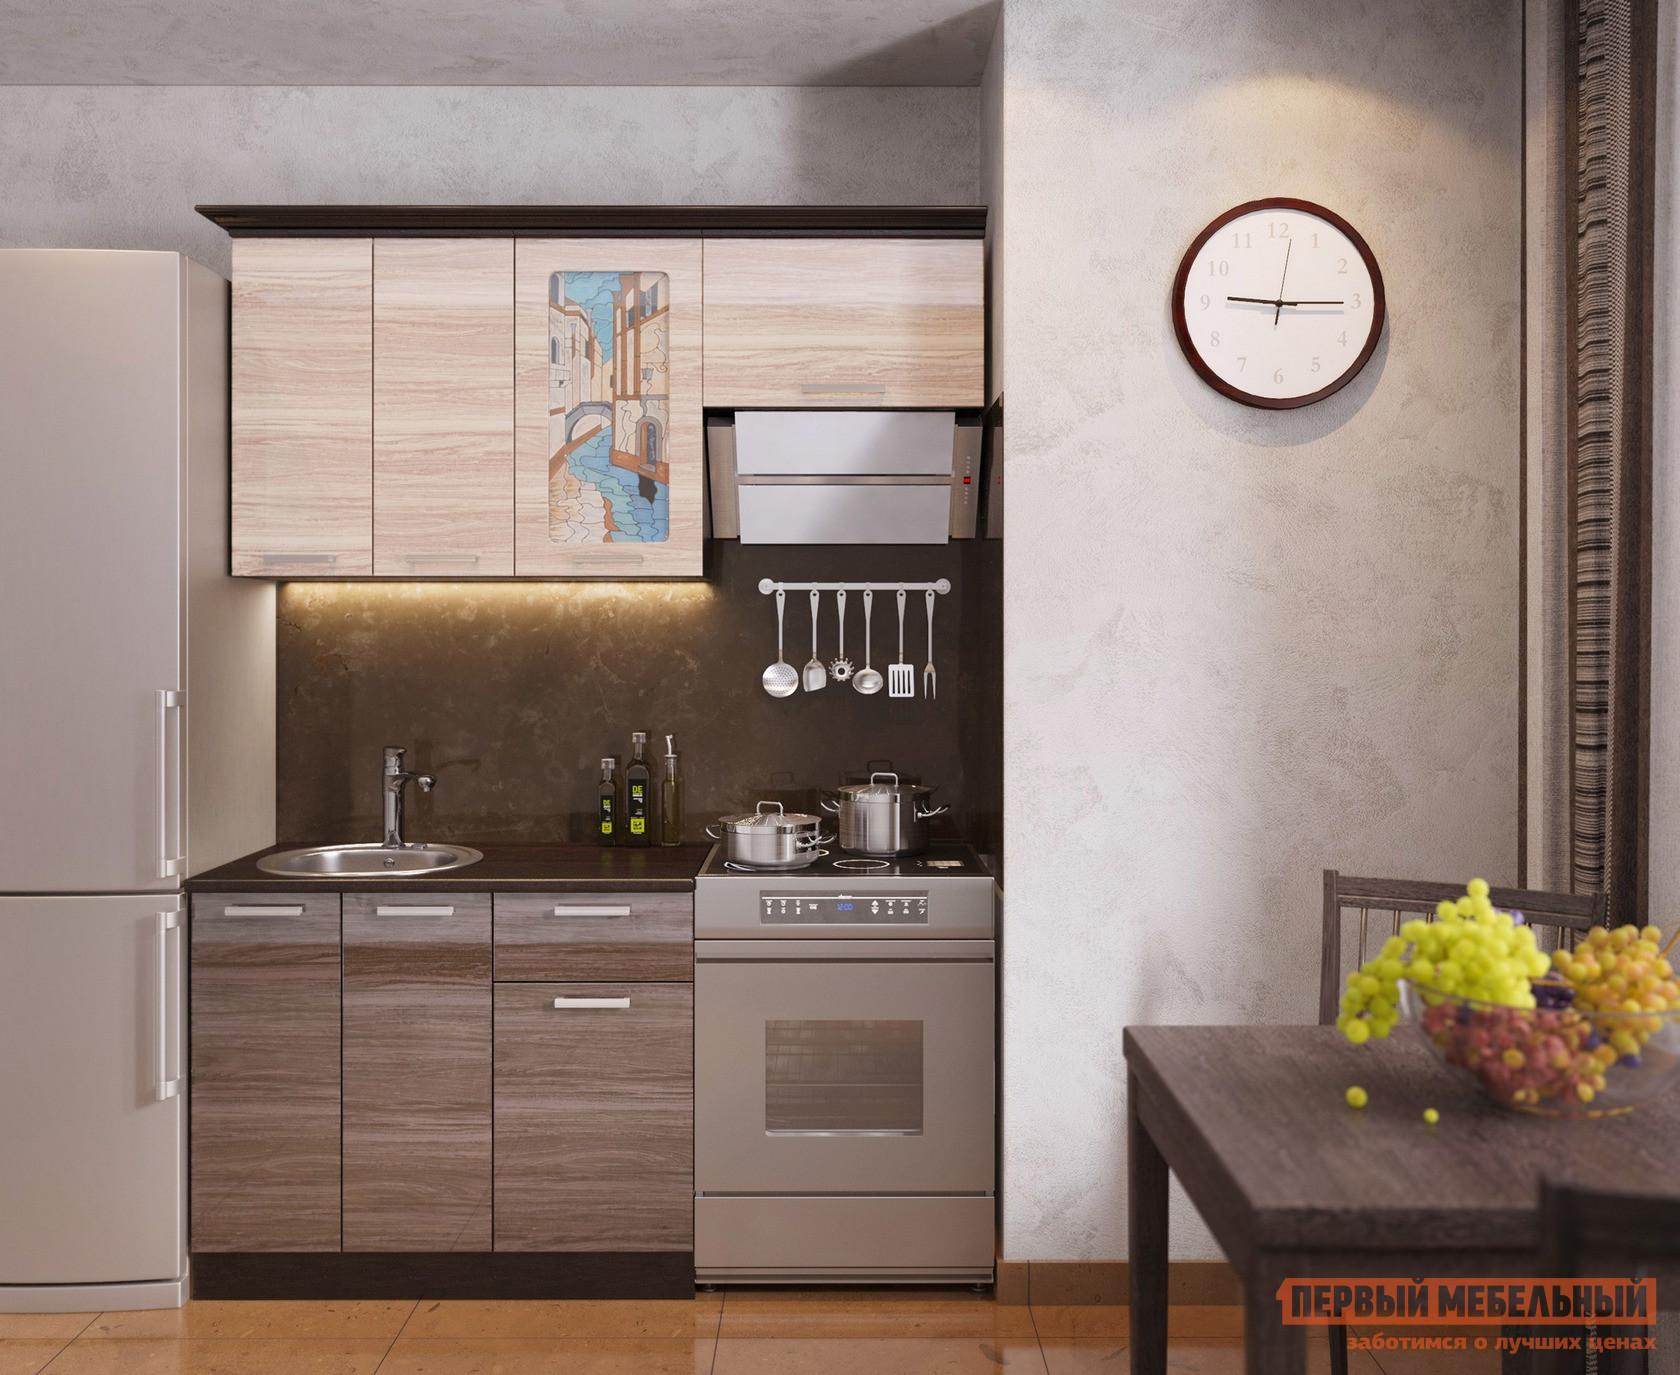 Кухонный гарнитур в стиле лофт МО РОСТ Венеция 1